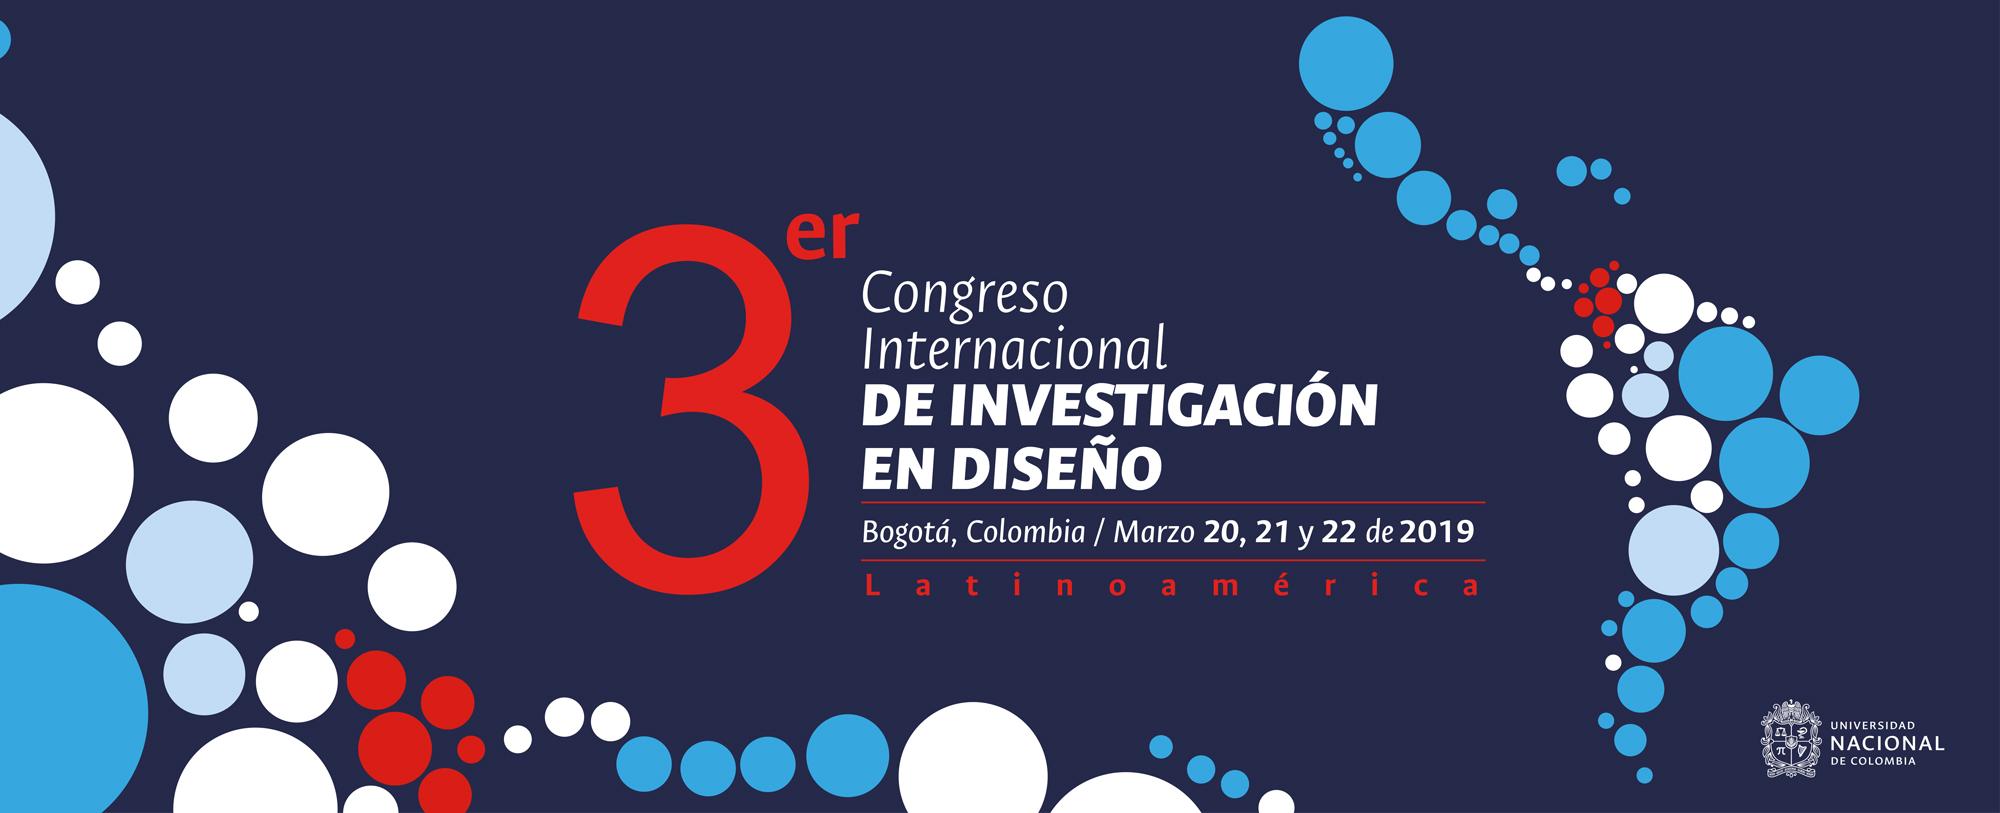 3er. Congreso Internacional de Investigación en Diseño (3CIDI)